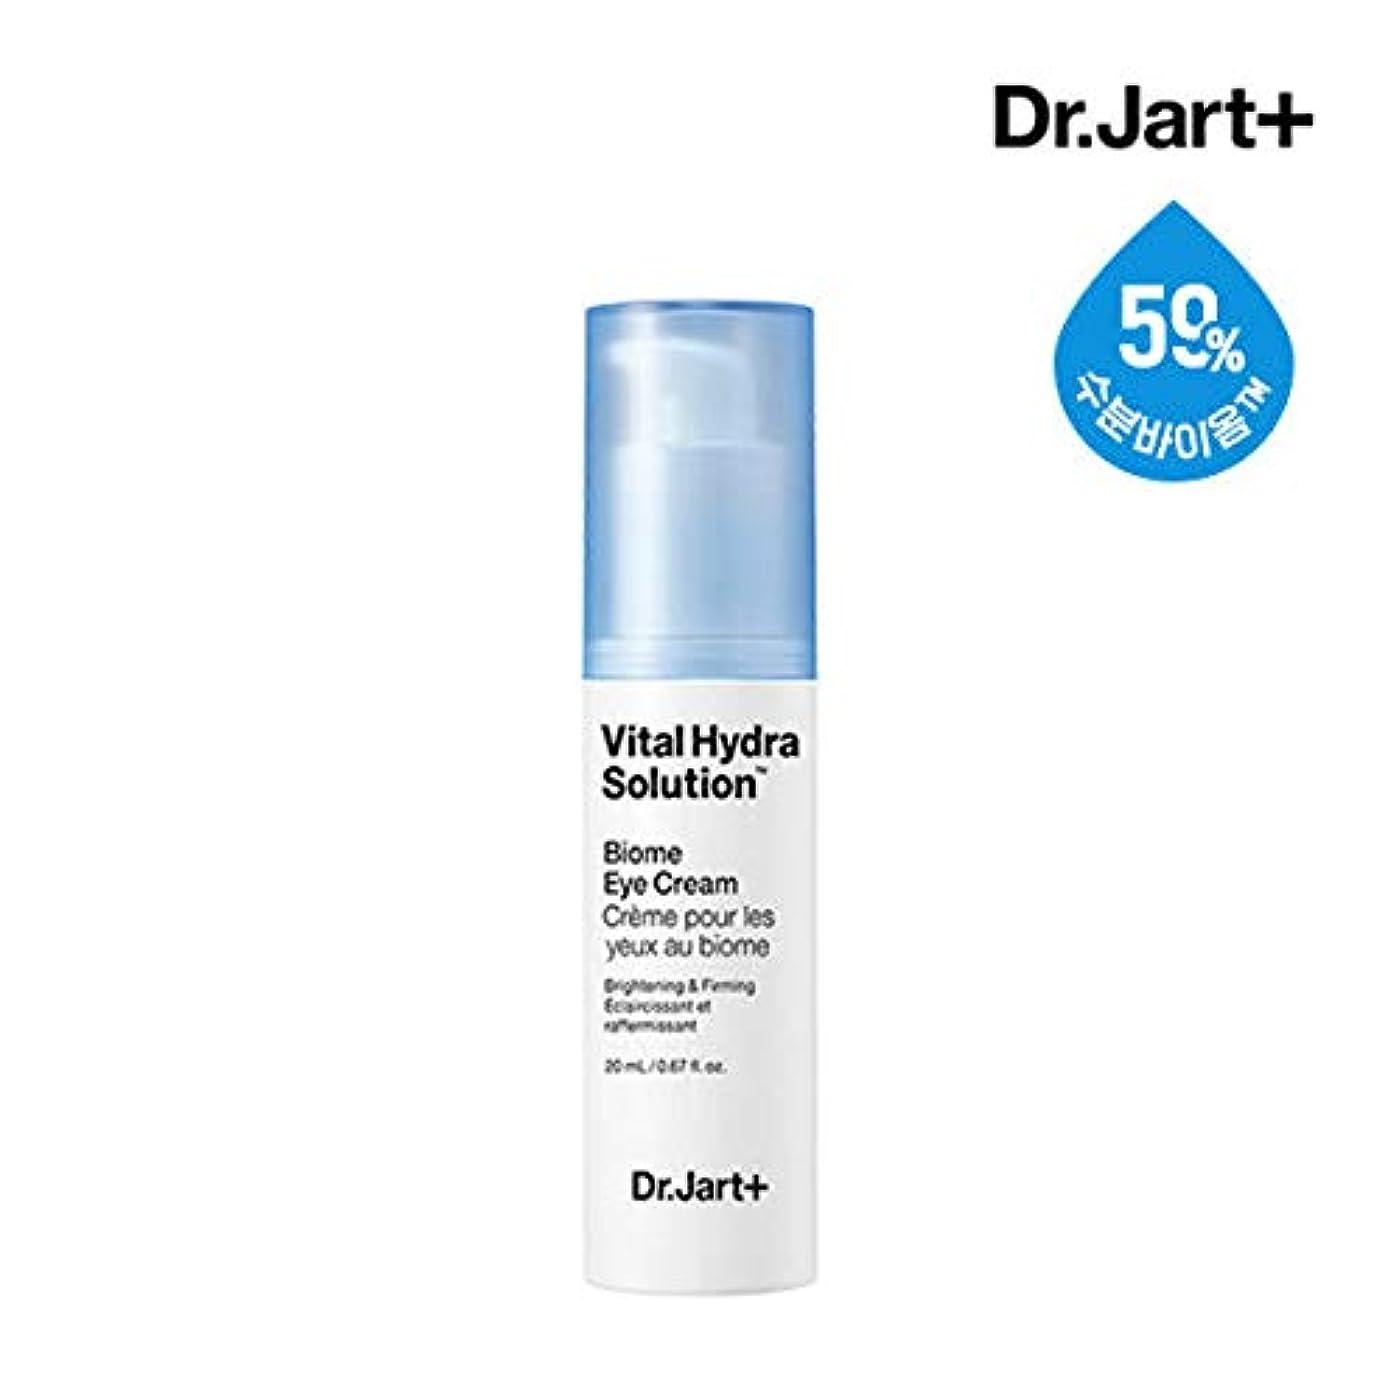 魂ポンペイショットドクタージャルトゥ[Dr.Jart+] バイタルハイドラソリューションバイオームアイクリーム20ml (Vital Hydra Solution Biome Eye Cream) / ブライトニング&ファーミング